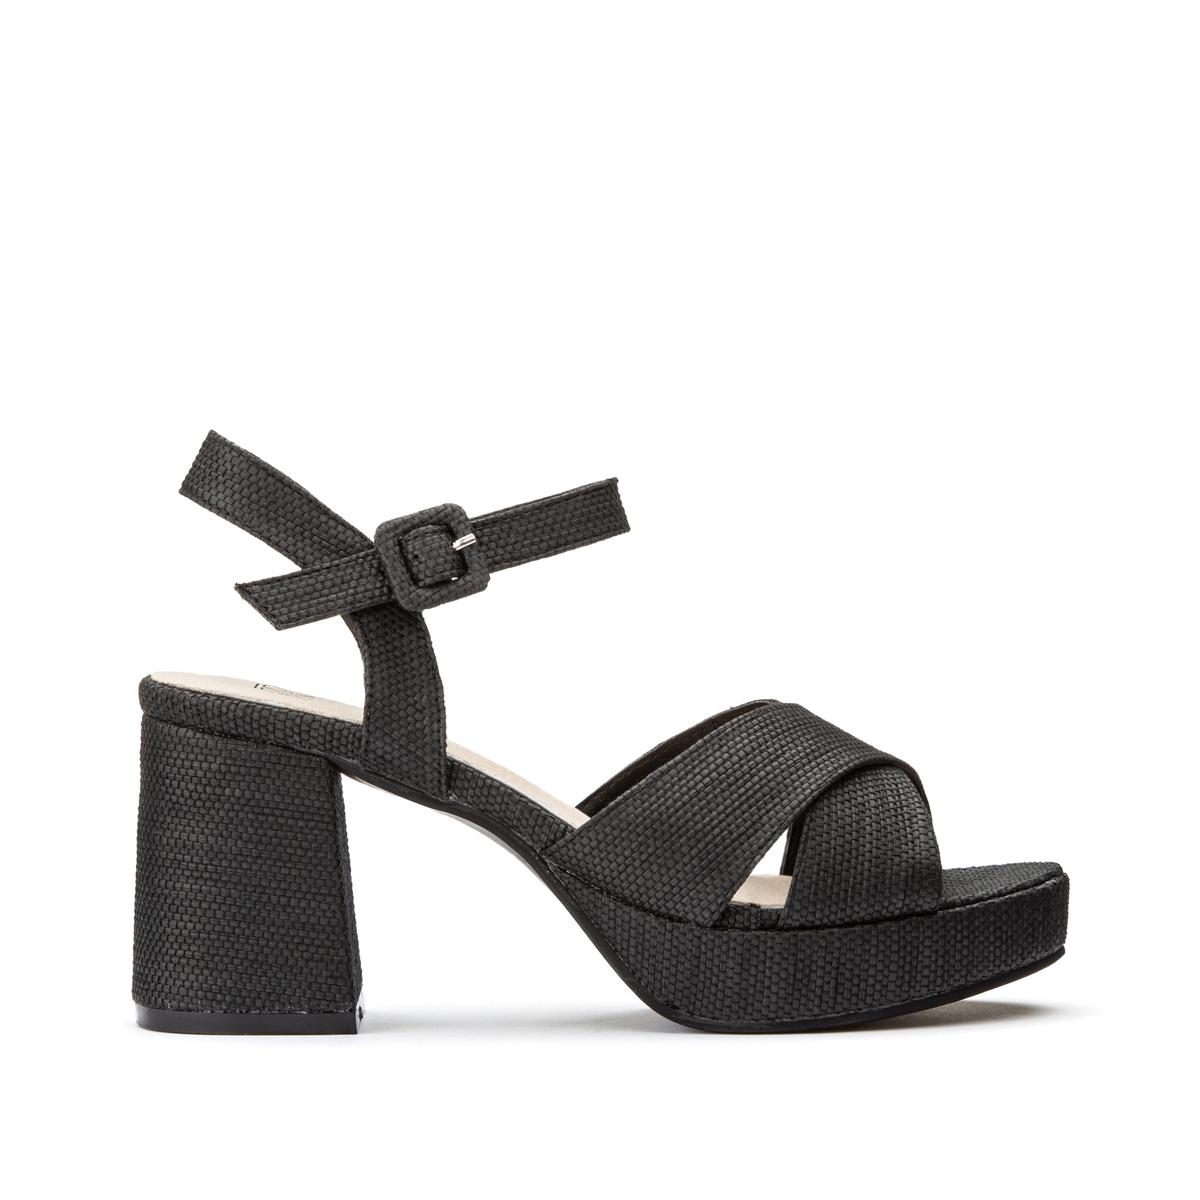 цена Босоножки La Redoute С ремешком на широком каблуке 38 черный онлайн в 2017 году